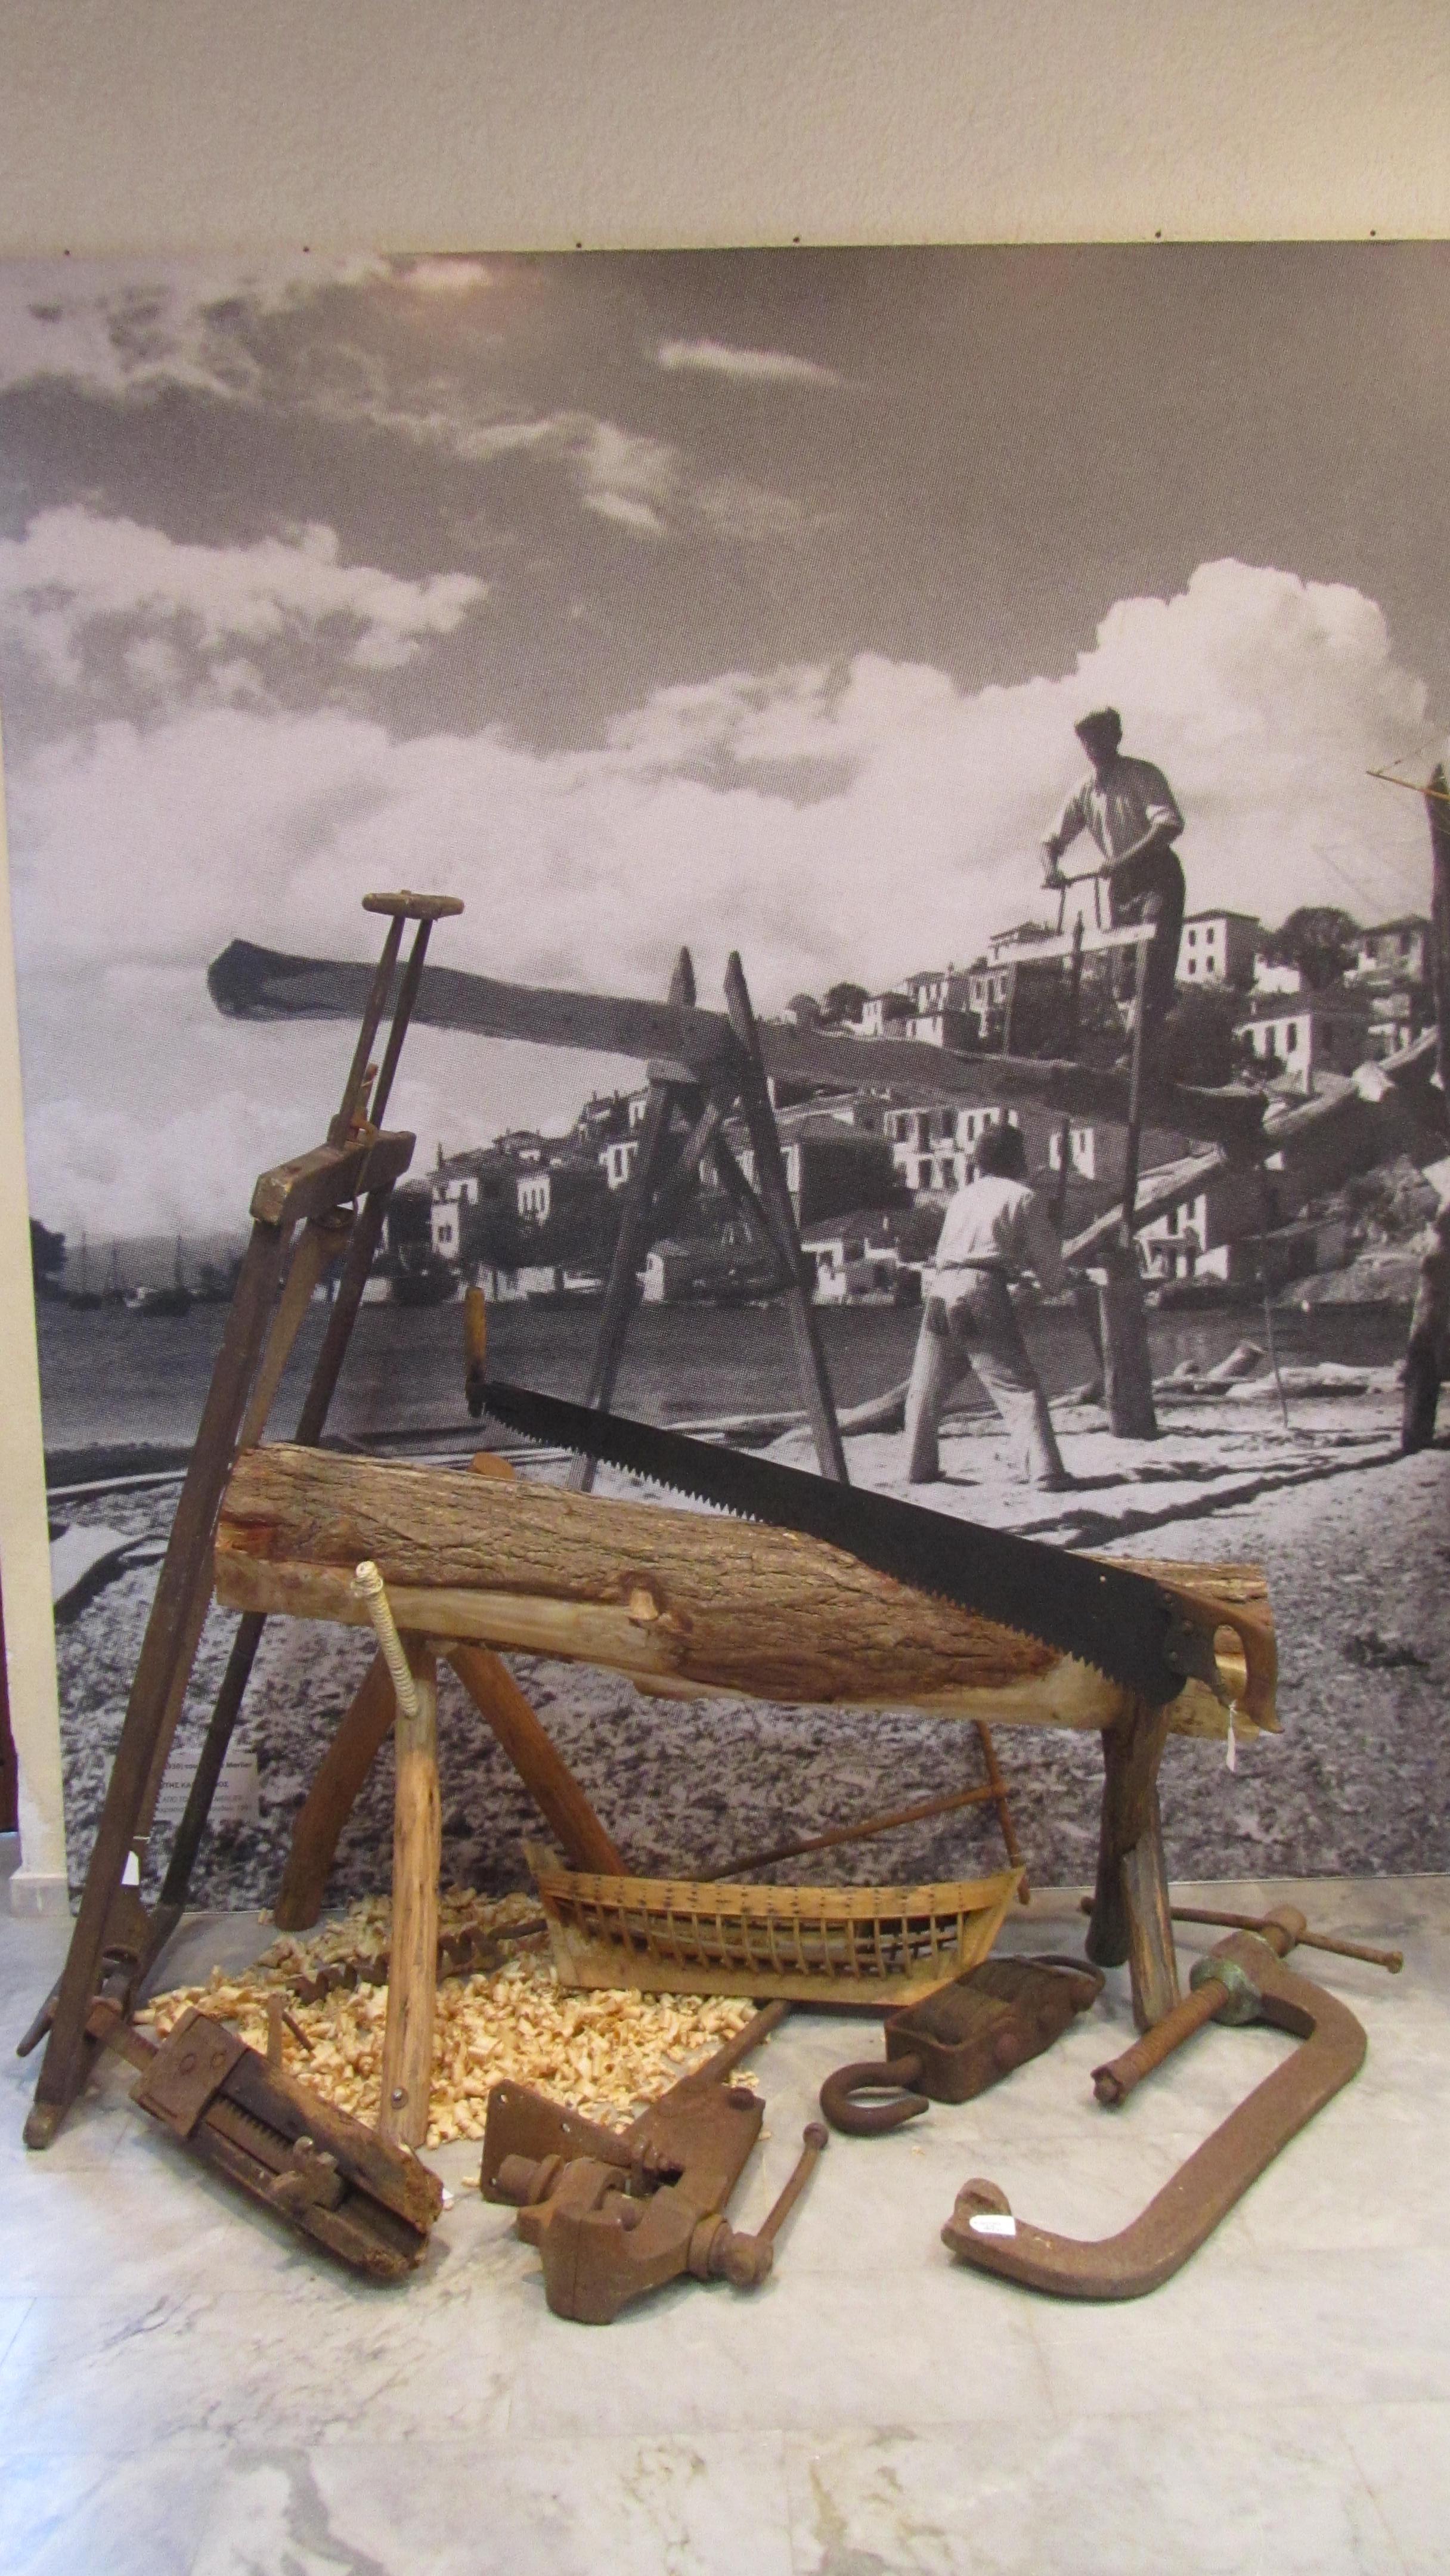 Maritime Museum of Skiathos exhibit